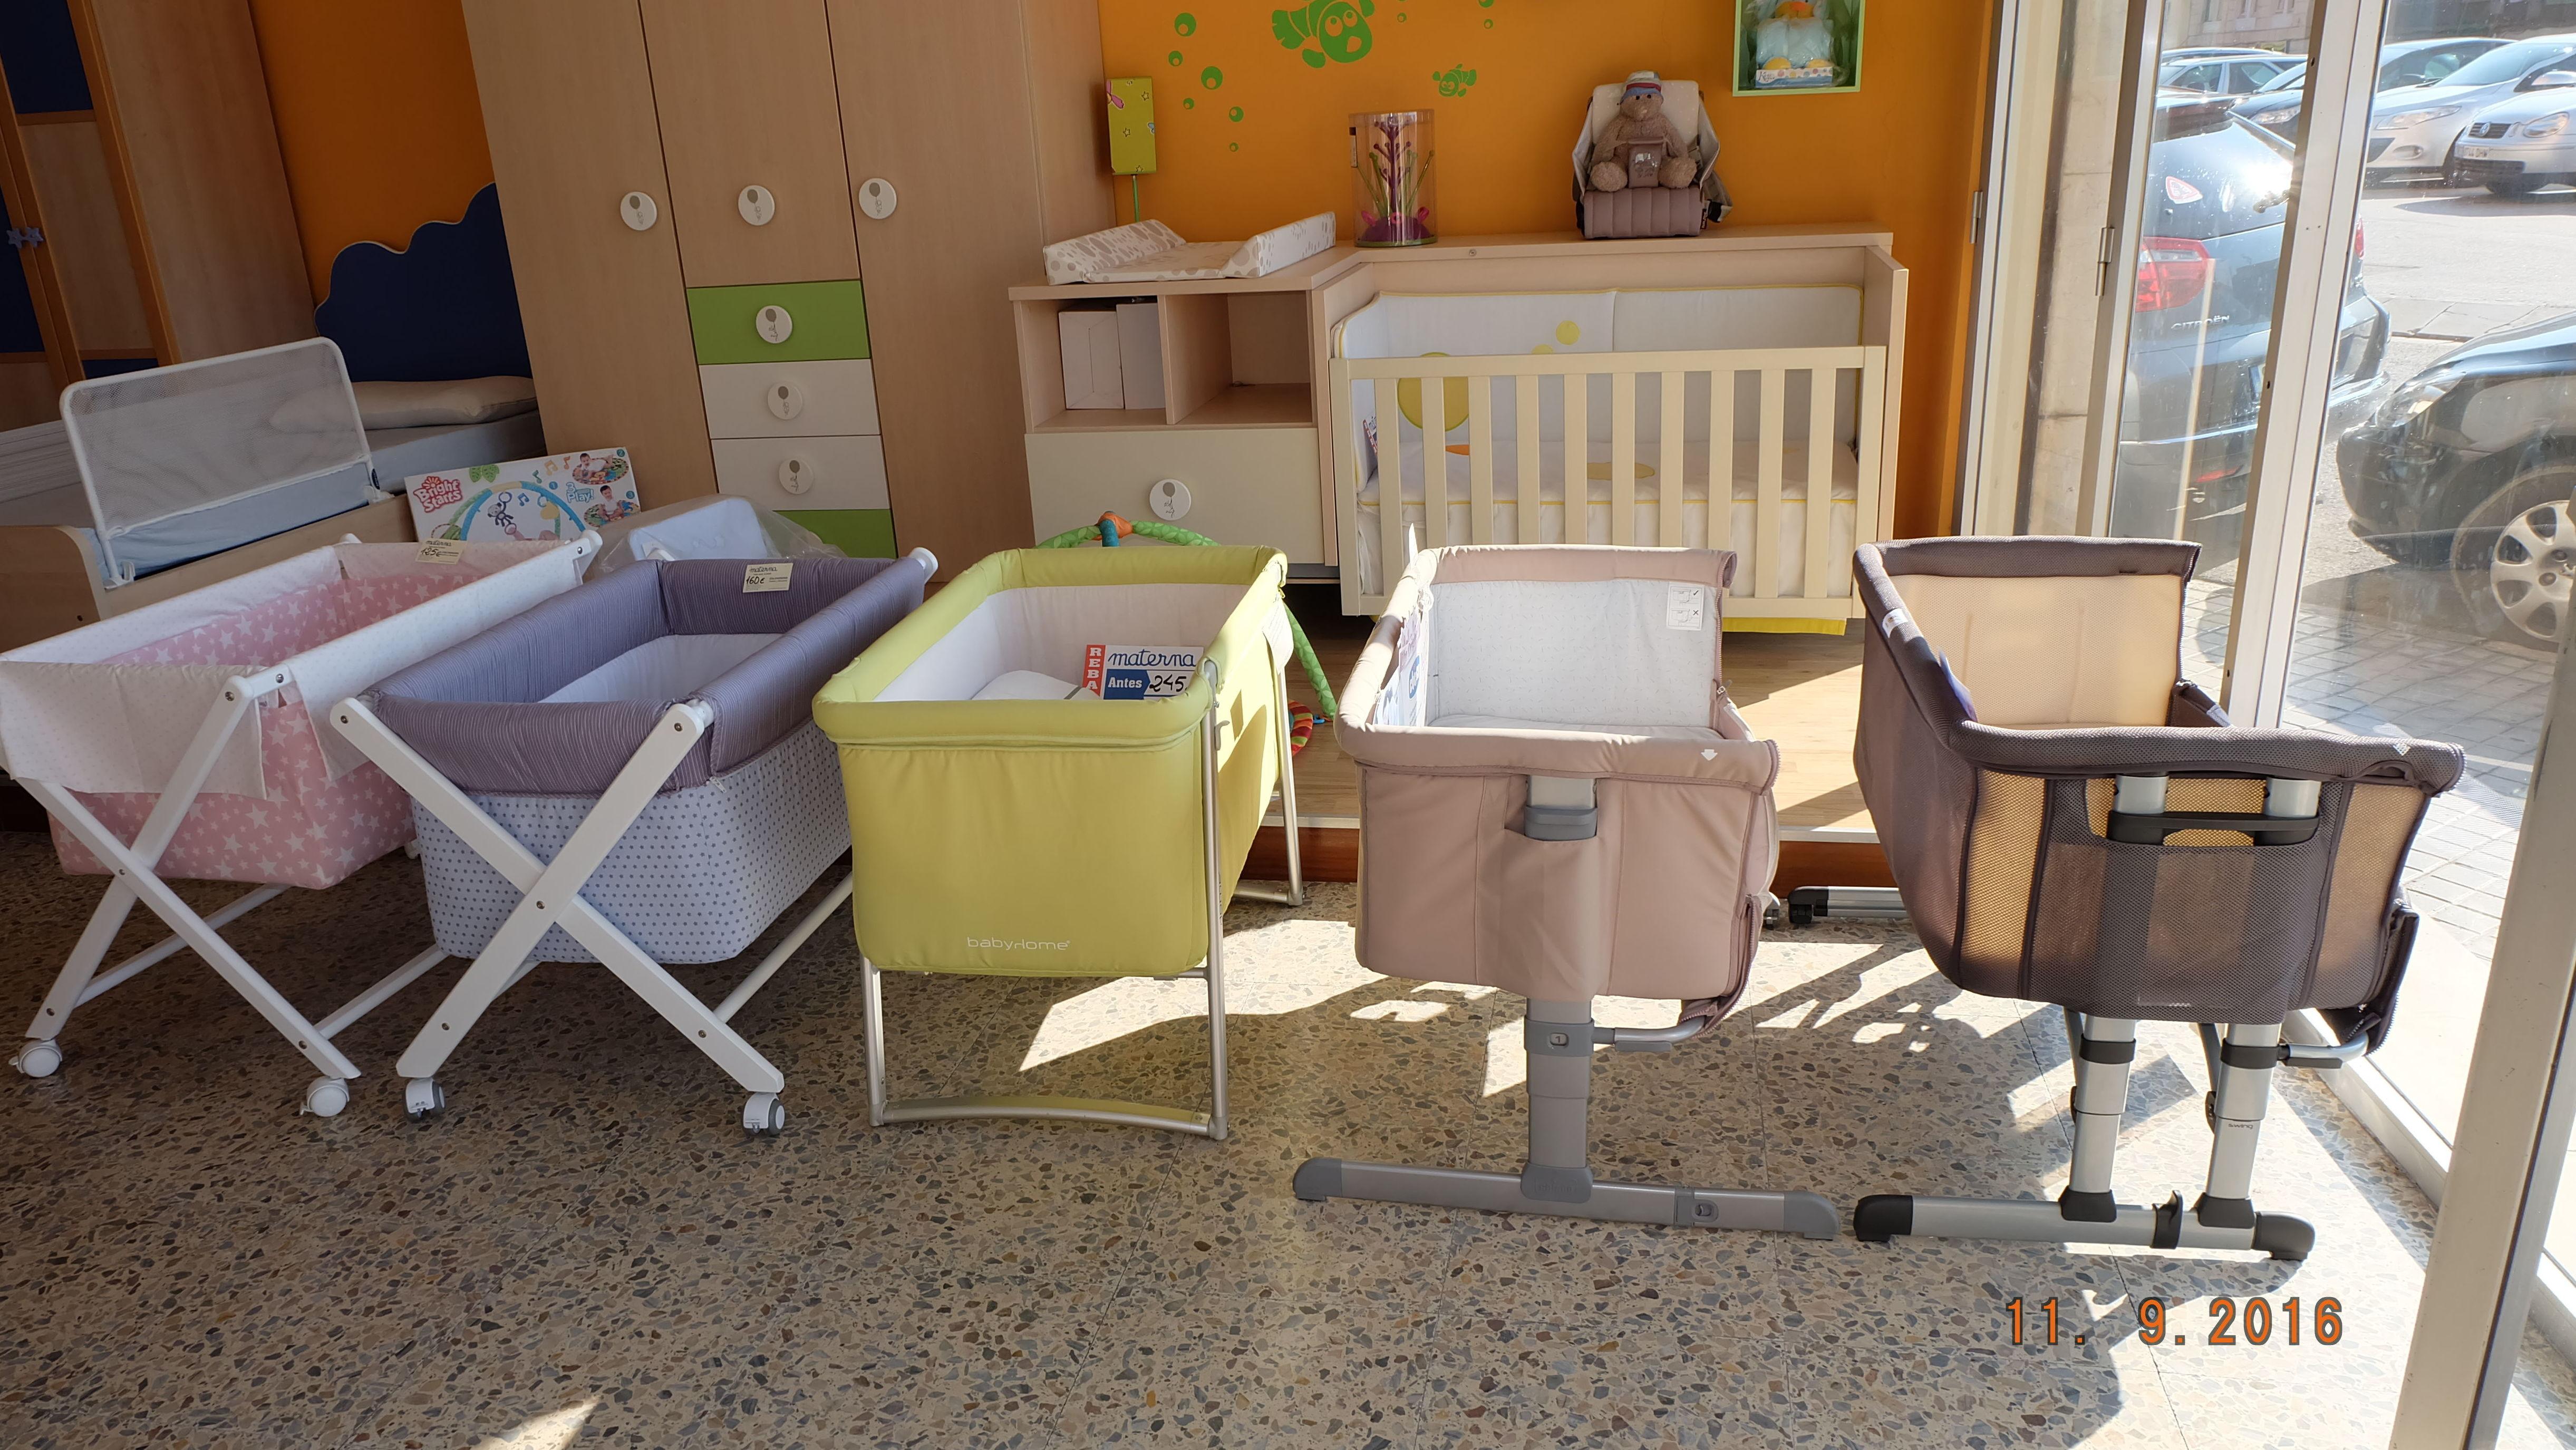 Foto 20 de Mobiliario infantil en L'Hospitalet de Llobregat | Materna|Productos para bebé con los precios más bajos